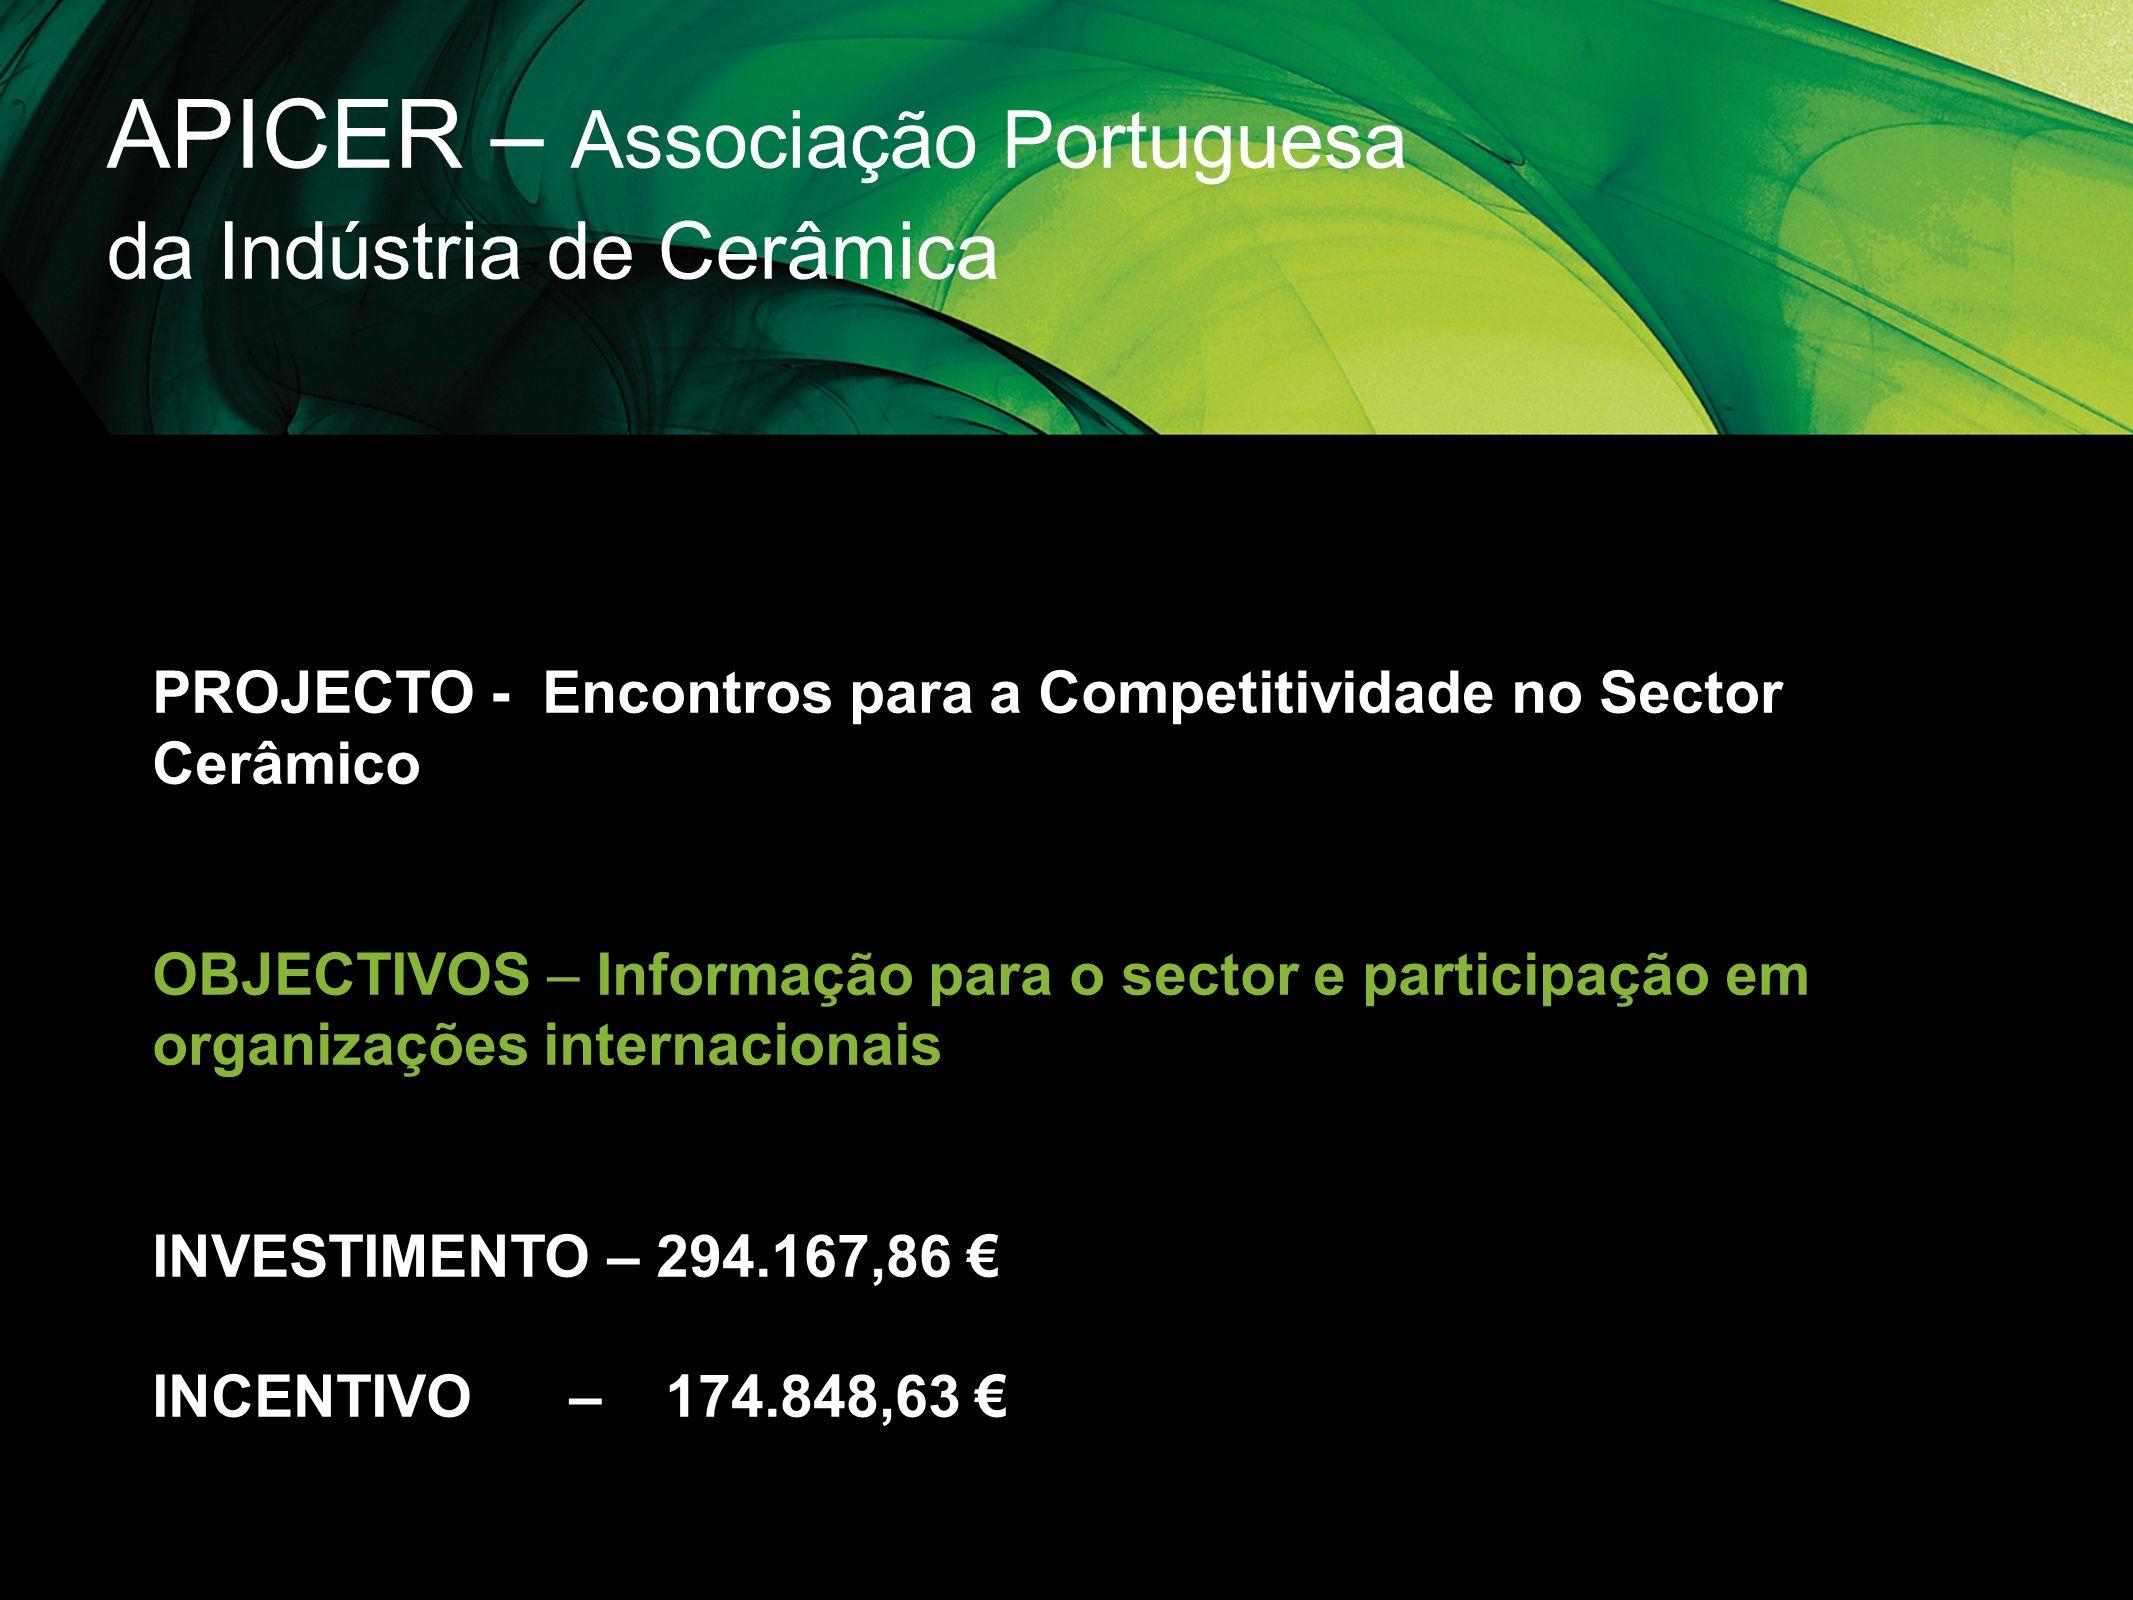 APICER – Associação Portuguesa da Indústria de Cerâmica PROJECTO - Encontros para a Competitividade no Sector Cerâmico OBJECTIVOS – Informação para o